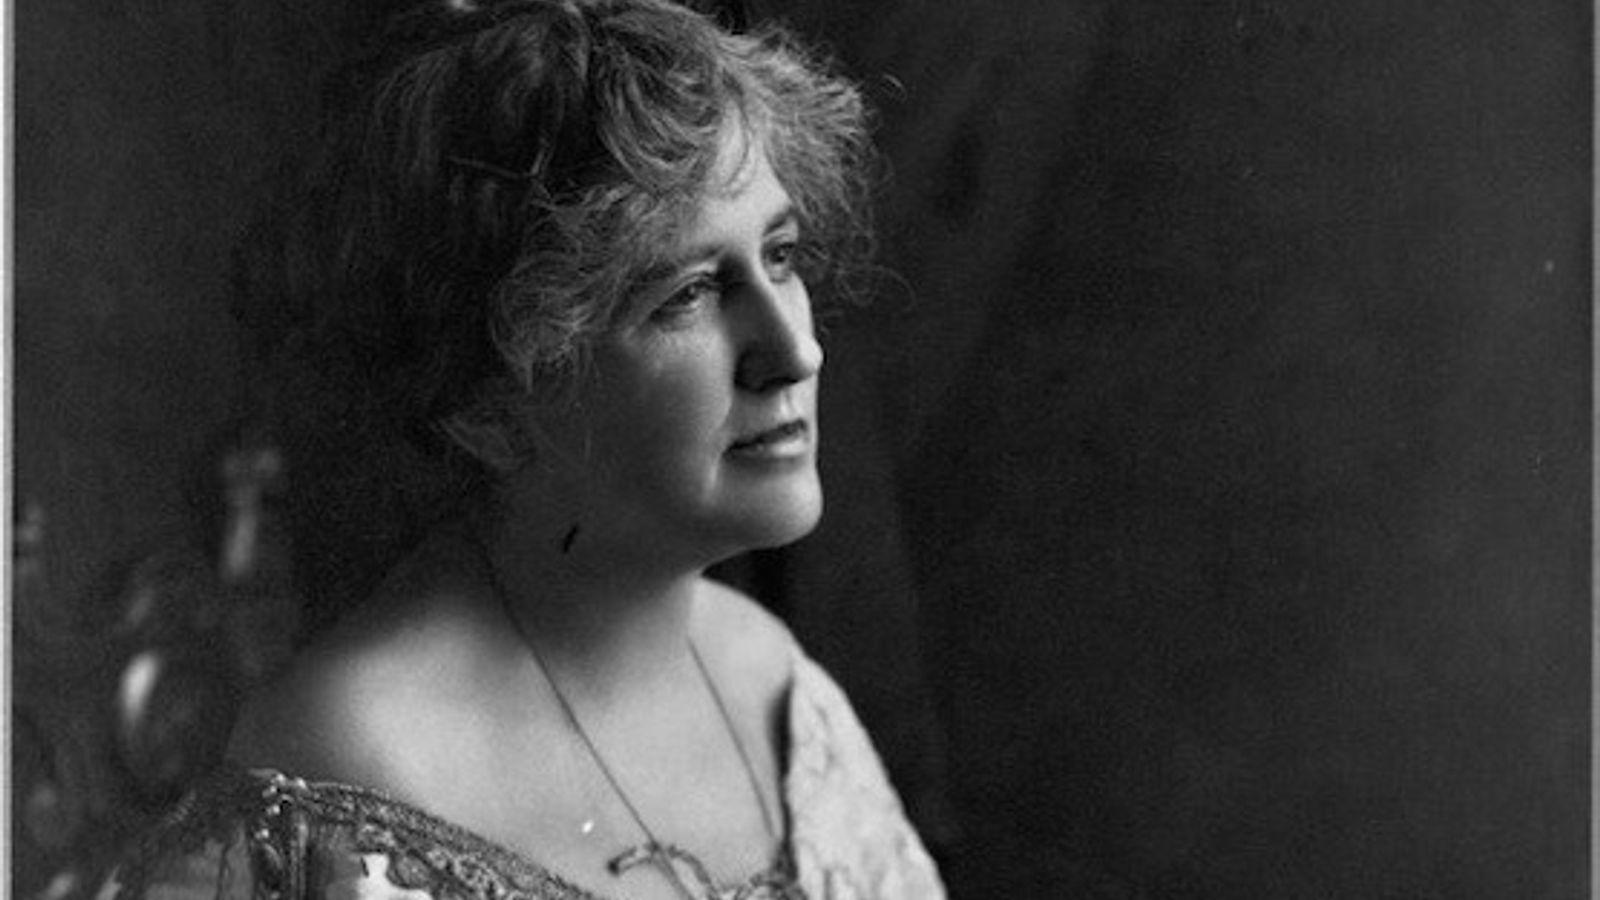 Helen Hamilton Gardener widersprach im 19. Jahrhundert der gängigen Meinung, dass die geringere Gehirngröße von Frauen ...